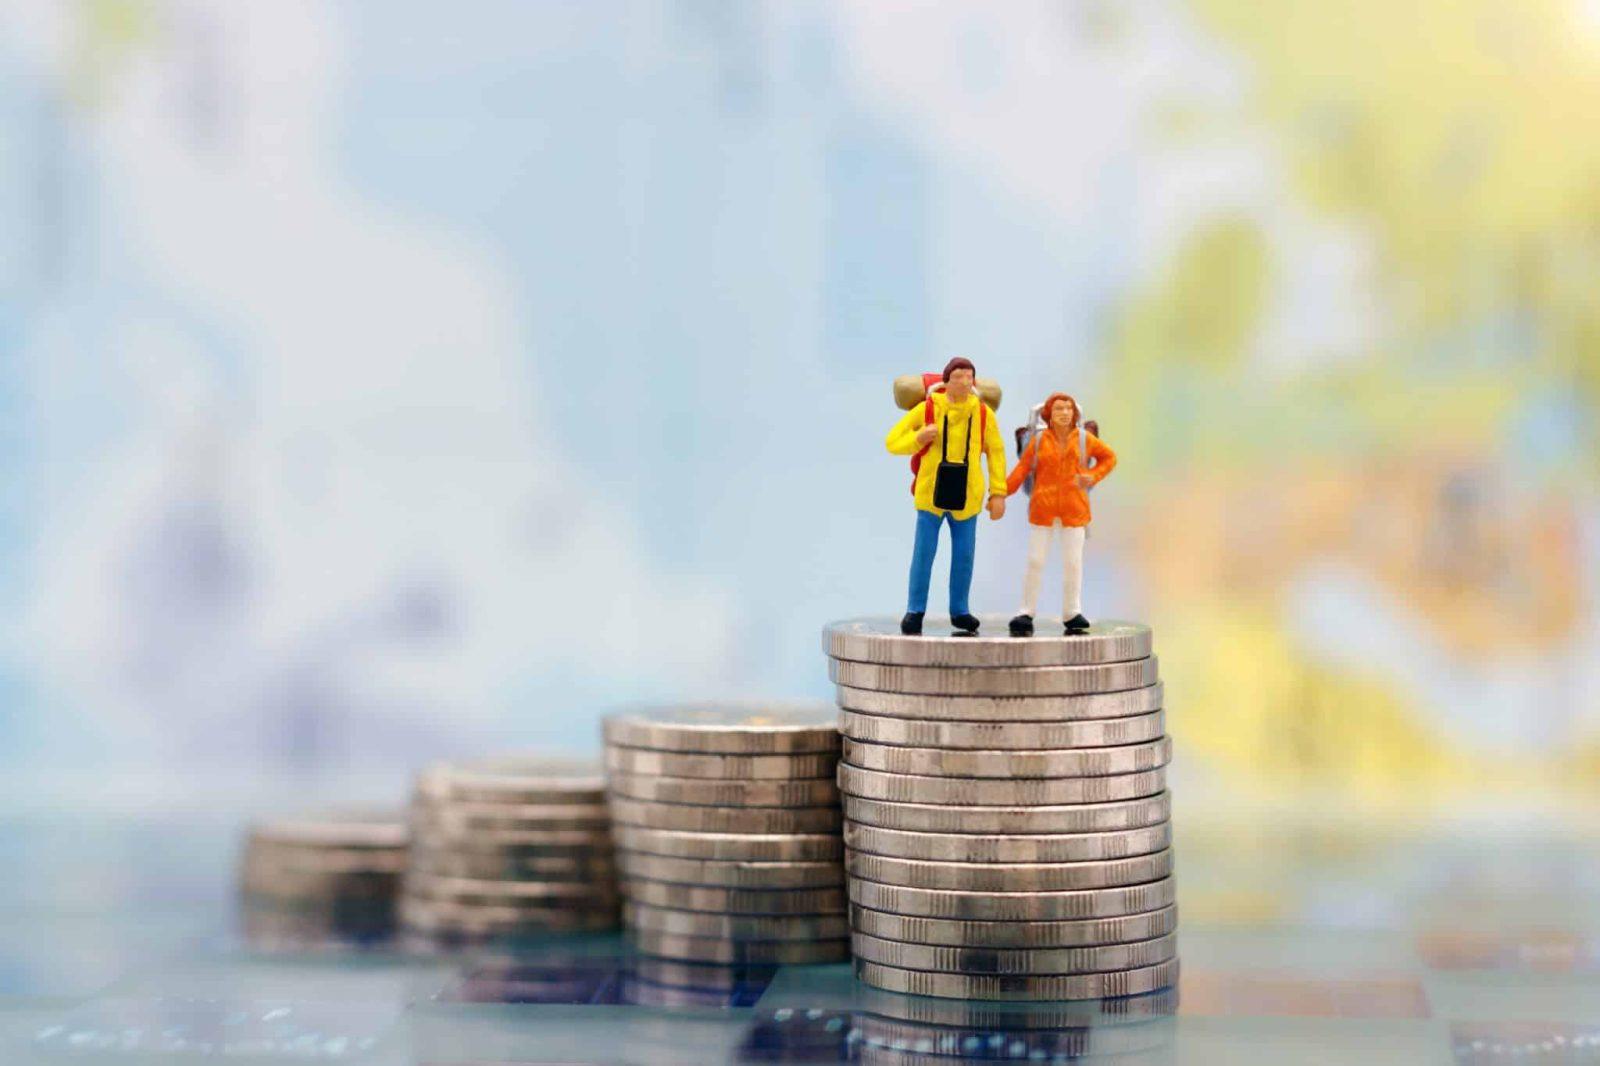 האם יש סיבה לחשוש אם שני בני הזוג באותו מסלול השקעה בקרן פנסיה